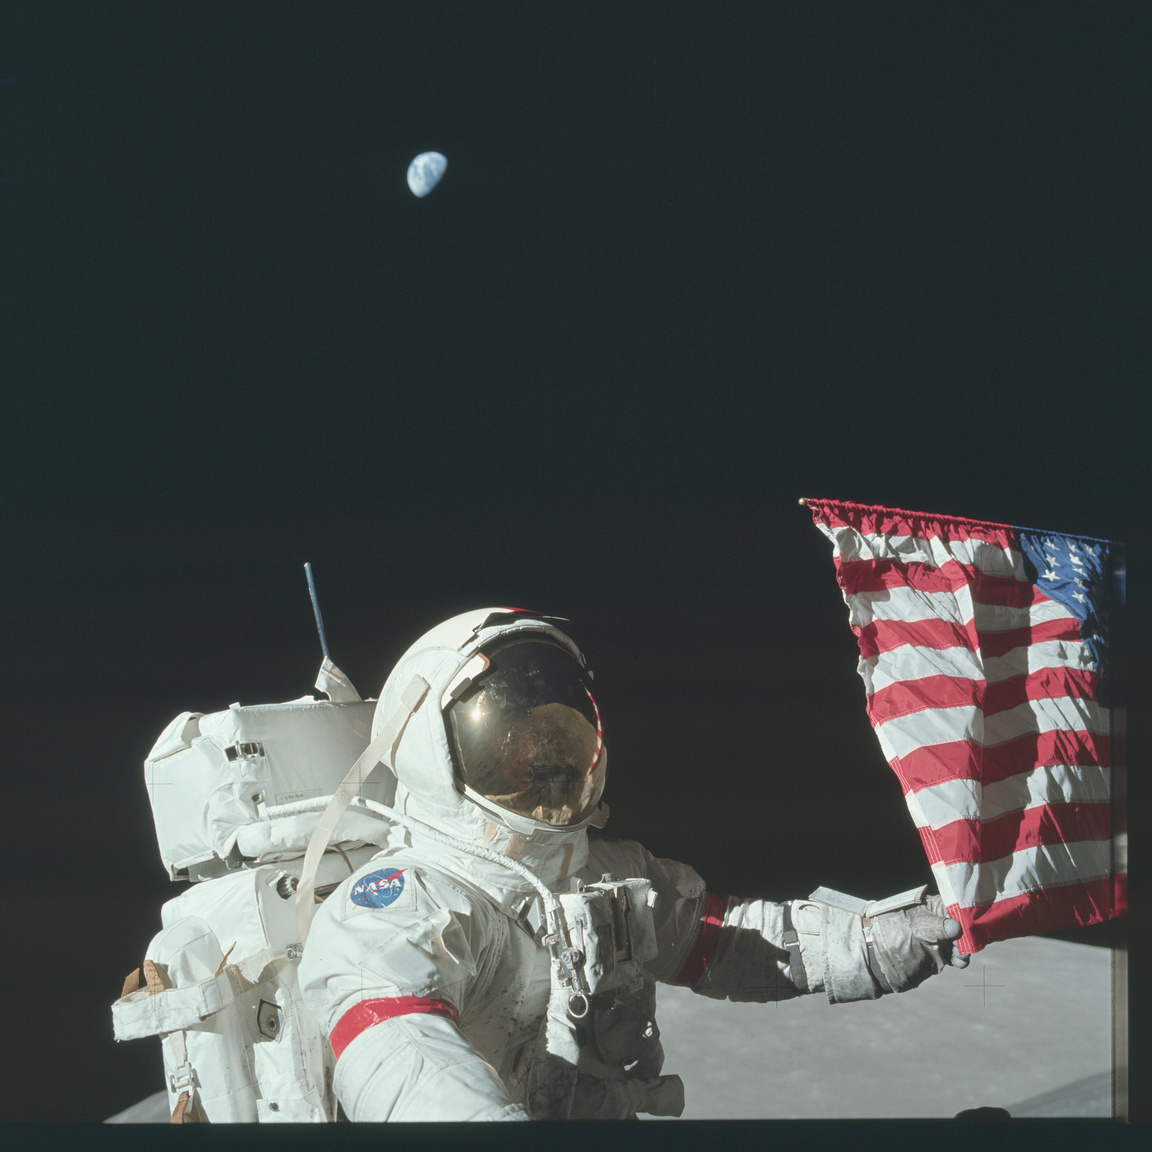 És a Holdon: Cernan megigazítja az Egyesült Államok zászlaját